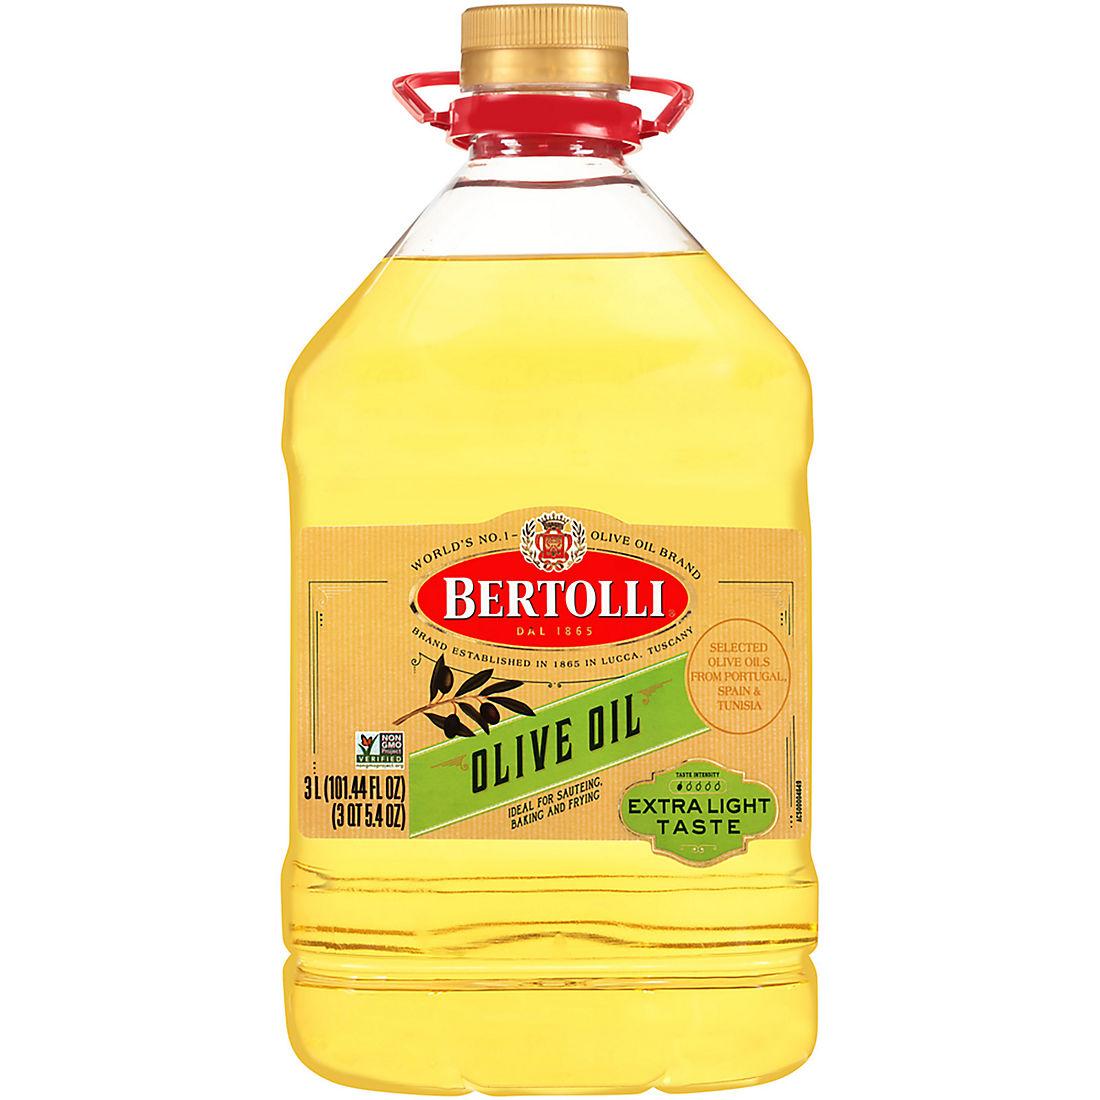 Bertolli Extra Light Tasting Olive Oil, 3L